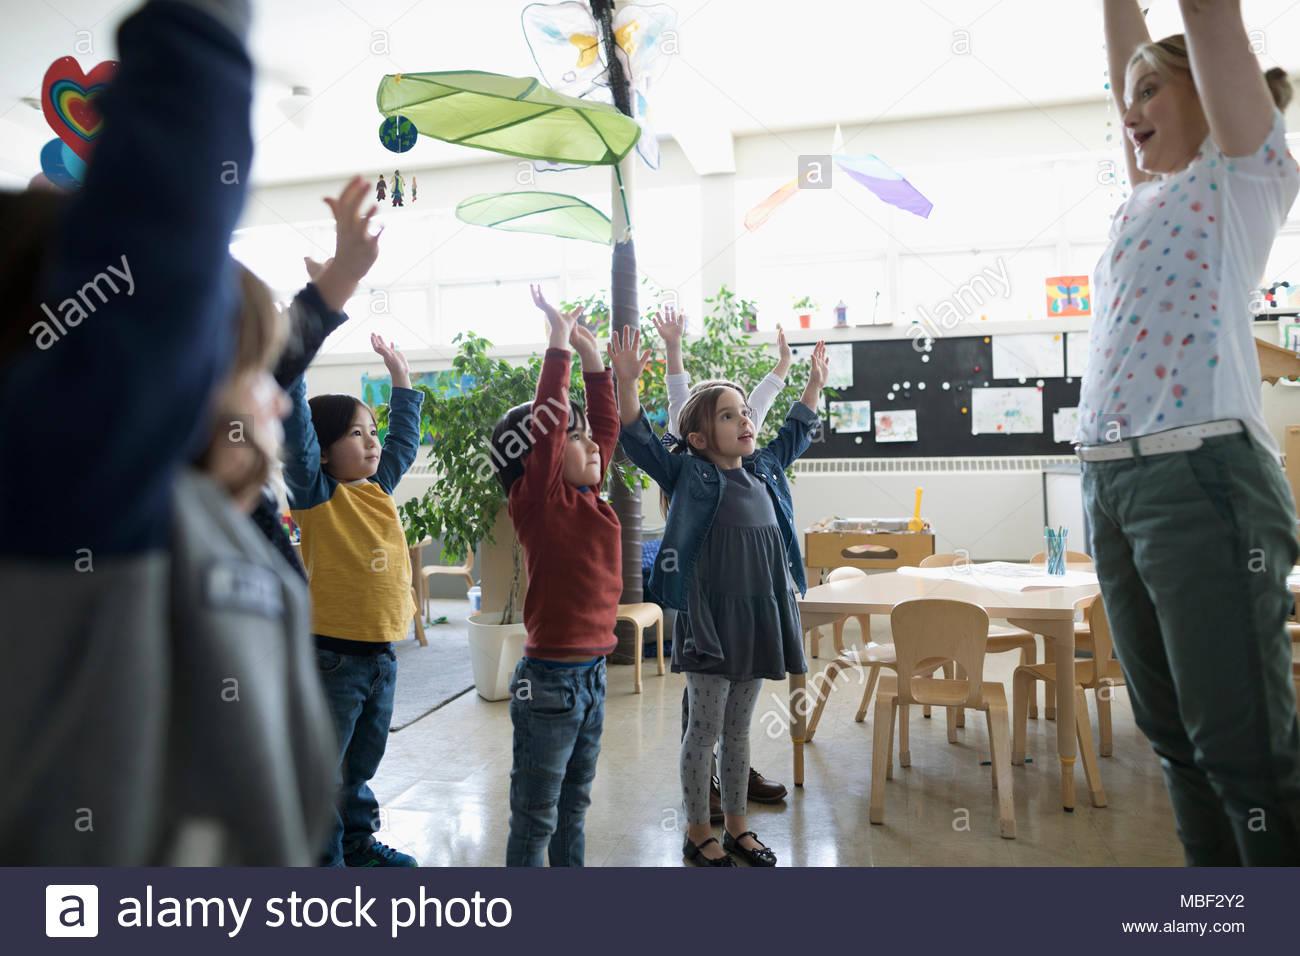 Maestra de preescolar y estudiantes el ejercicio con los brazos levantados en el aula Imagen De Stock